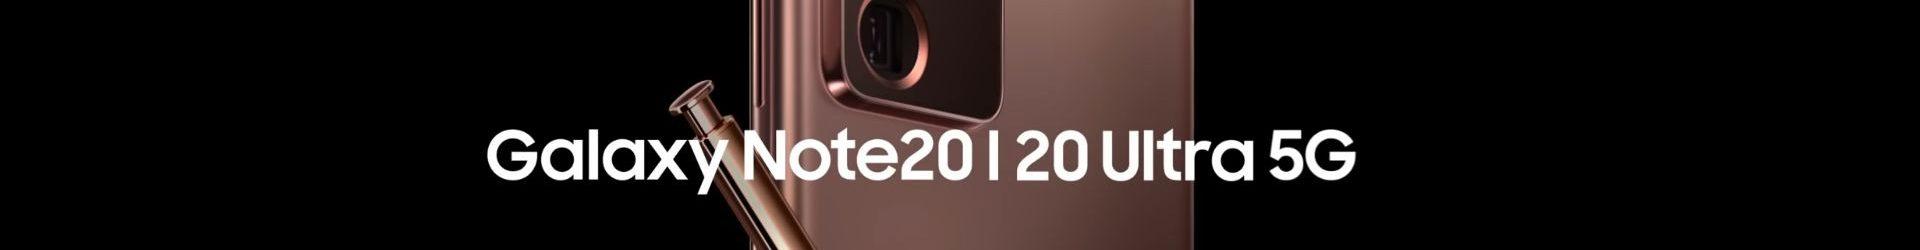 Samsung Galaxy Note20 e Galaxy Note20 Ultra 5G ufficiali: un mix di potenza e bellezza